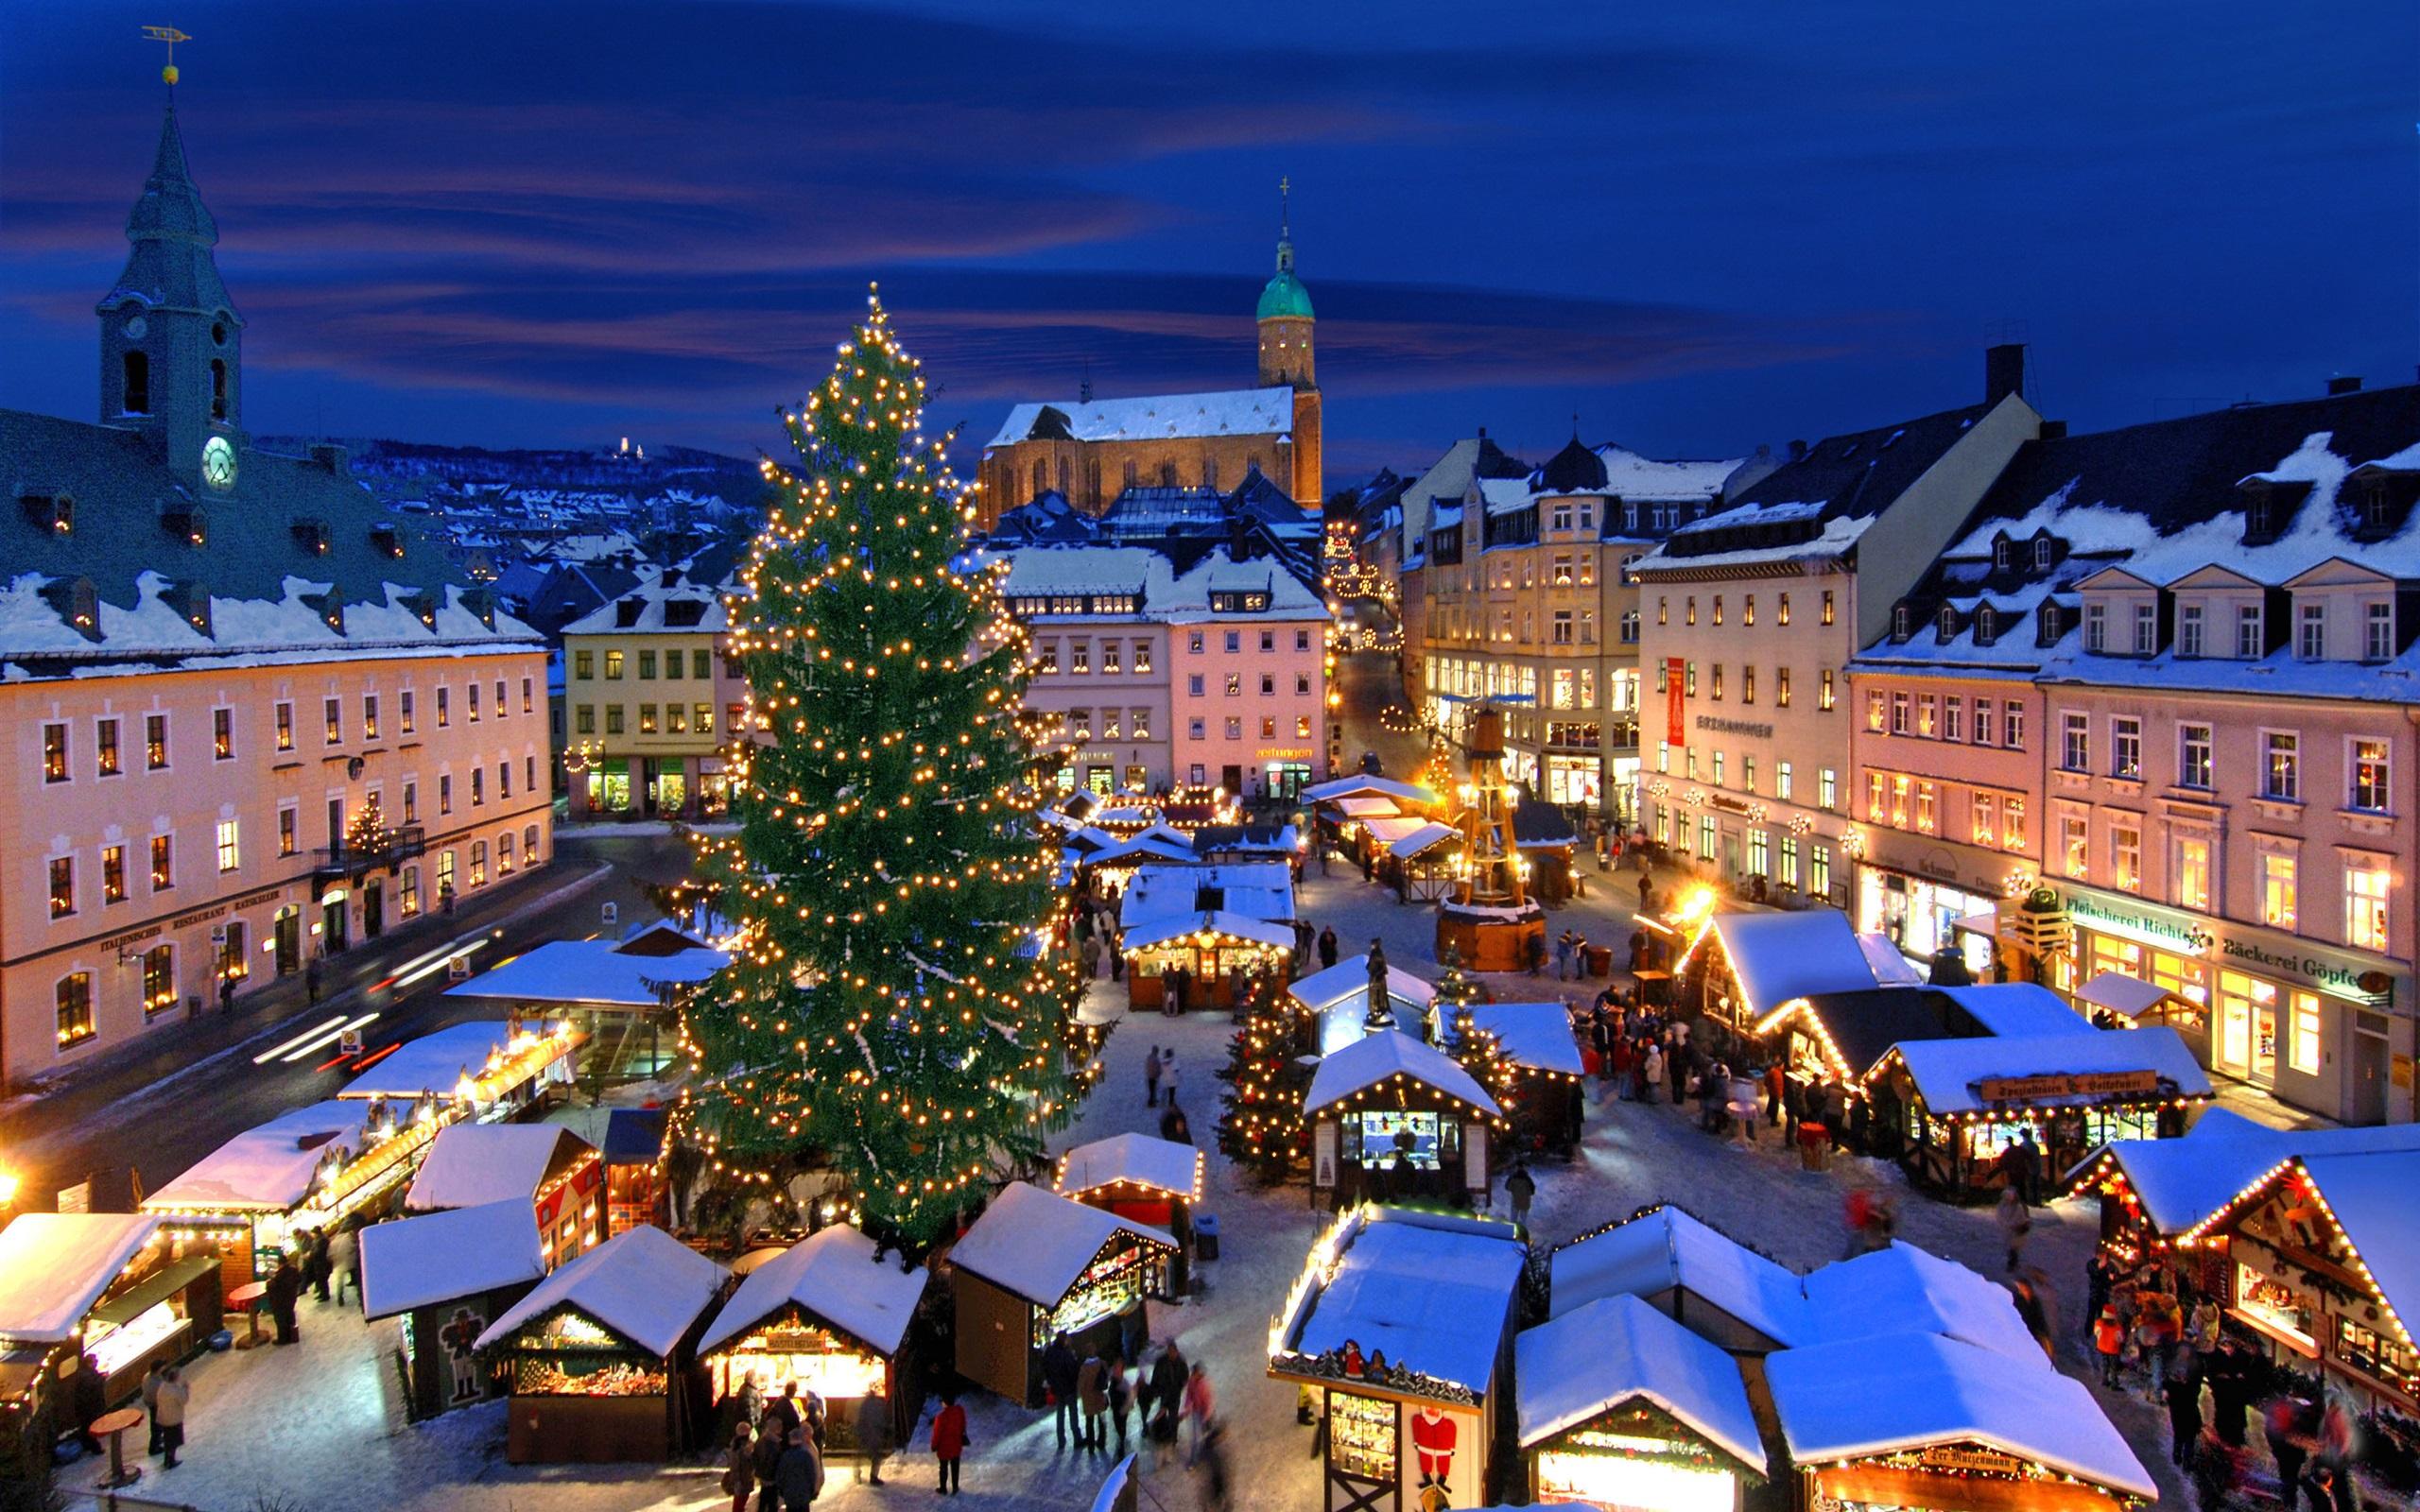 壁紙 クリスマスマーケット アンベルク ブッフホルツ ドイツ